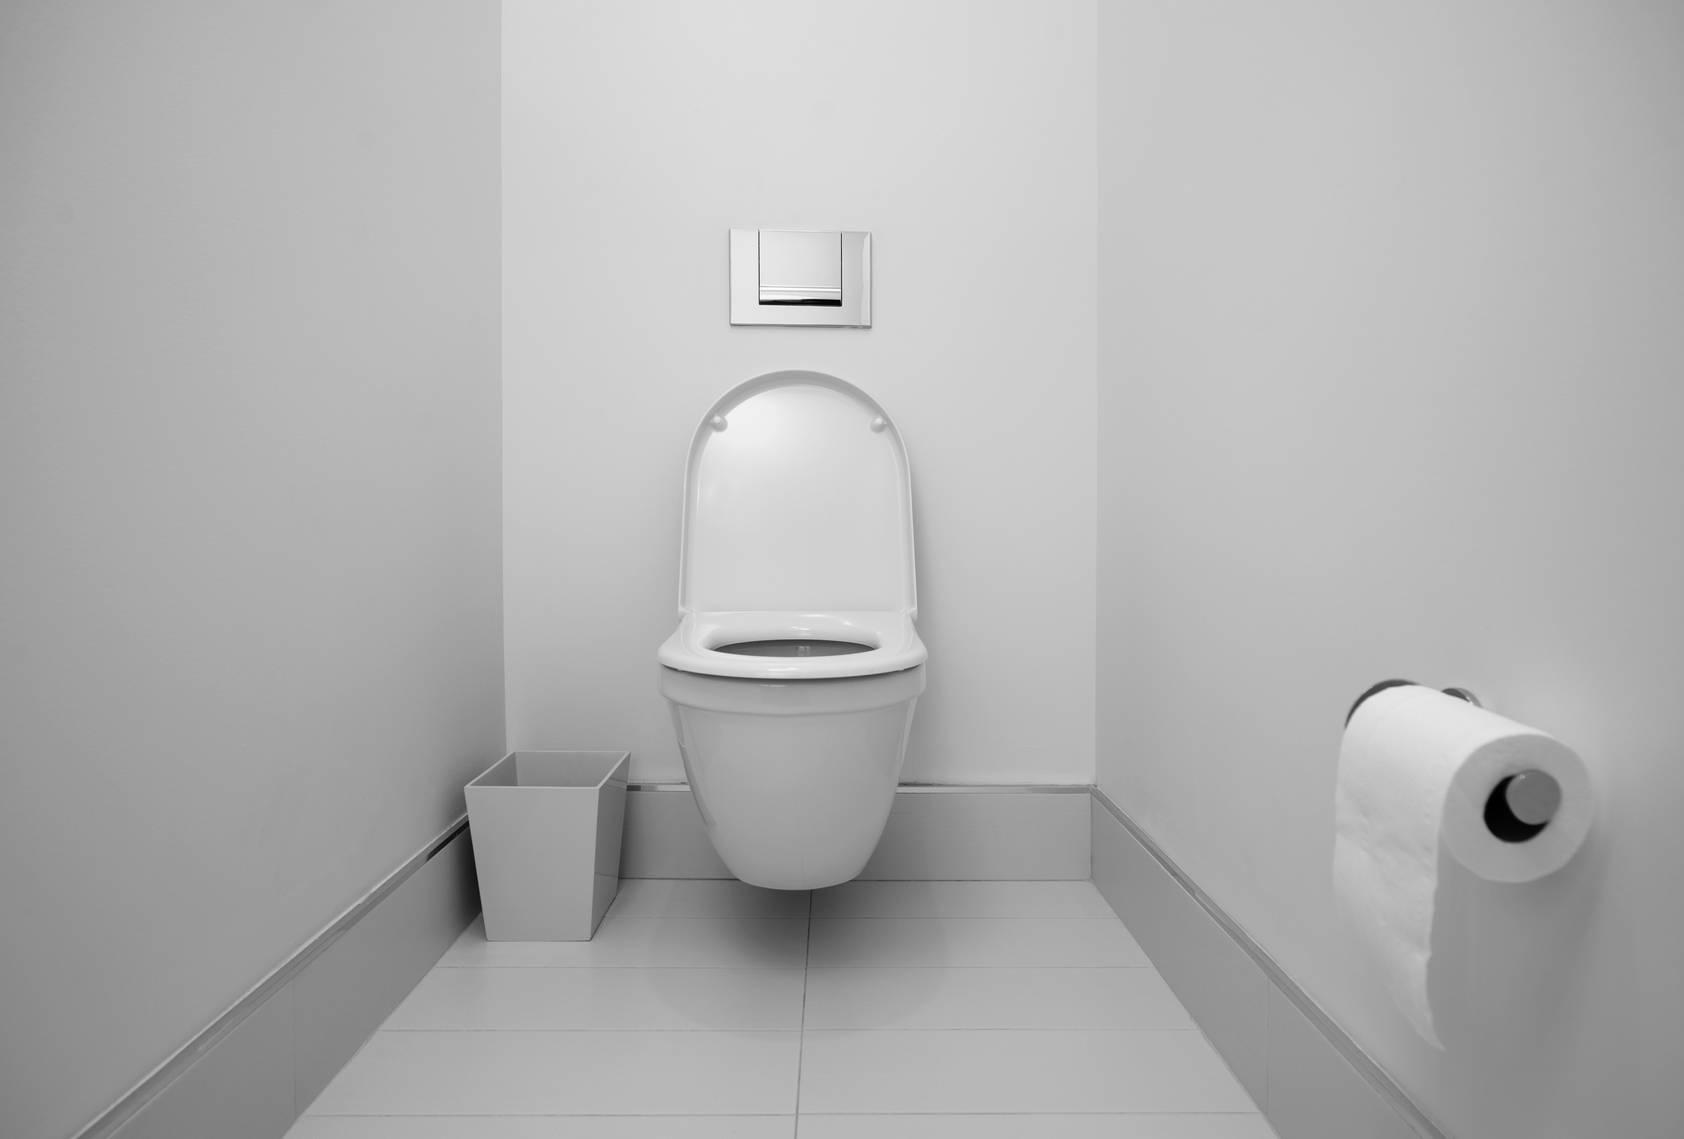 Comment Réparer Des Toilettes ? – Blog Decoration Maison dedans Toilette Seche Interieur Maison